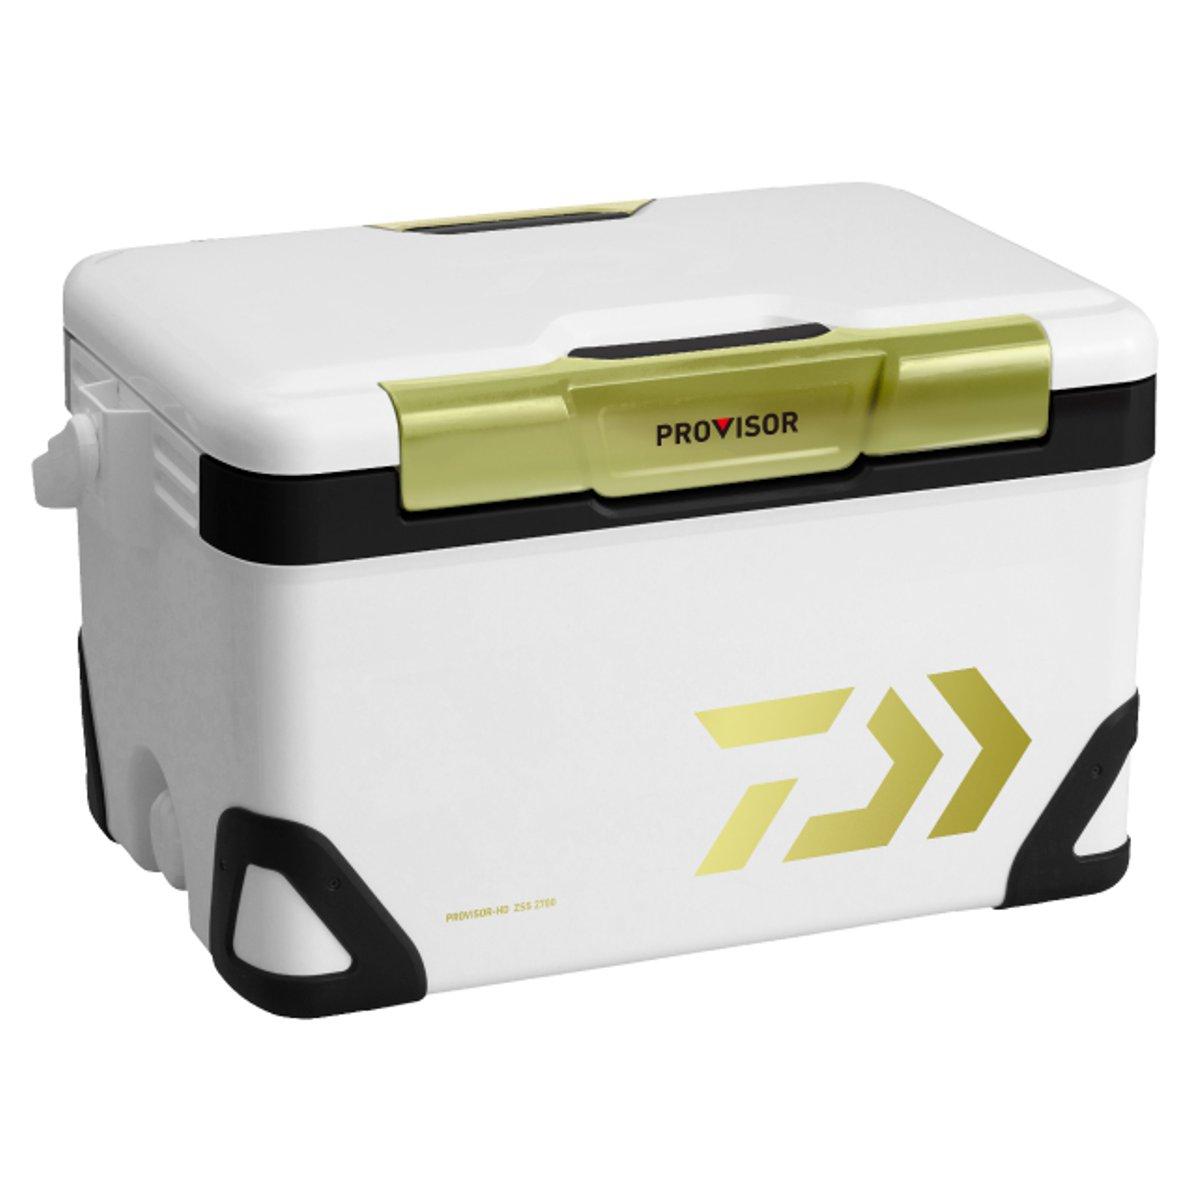 ダイワ プロバイザー HD ZSS 2700 シャンパンゴールド クーラーボックス